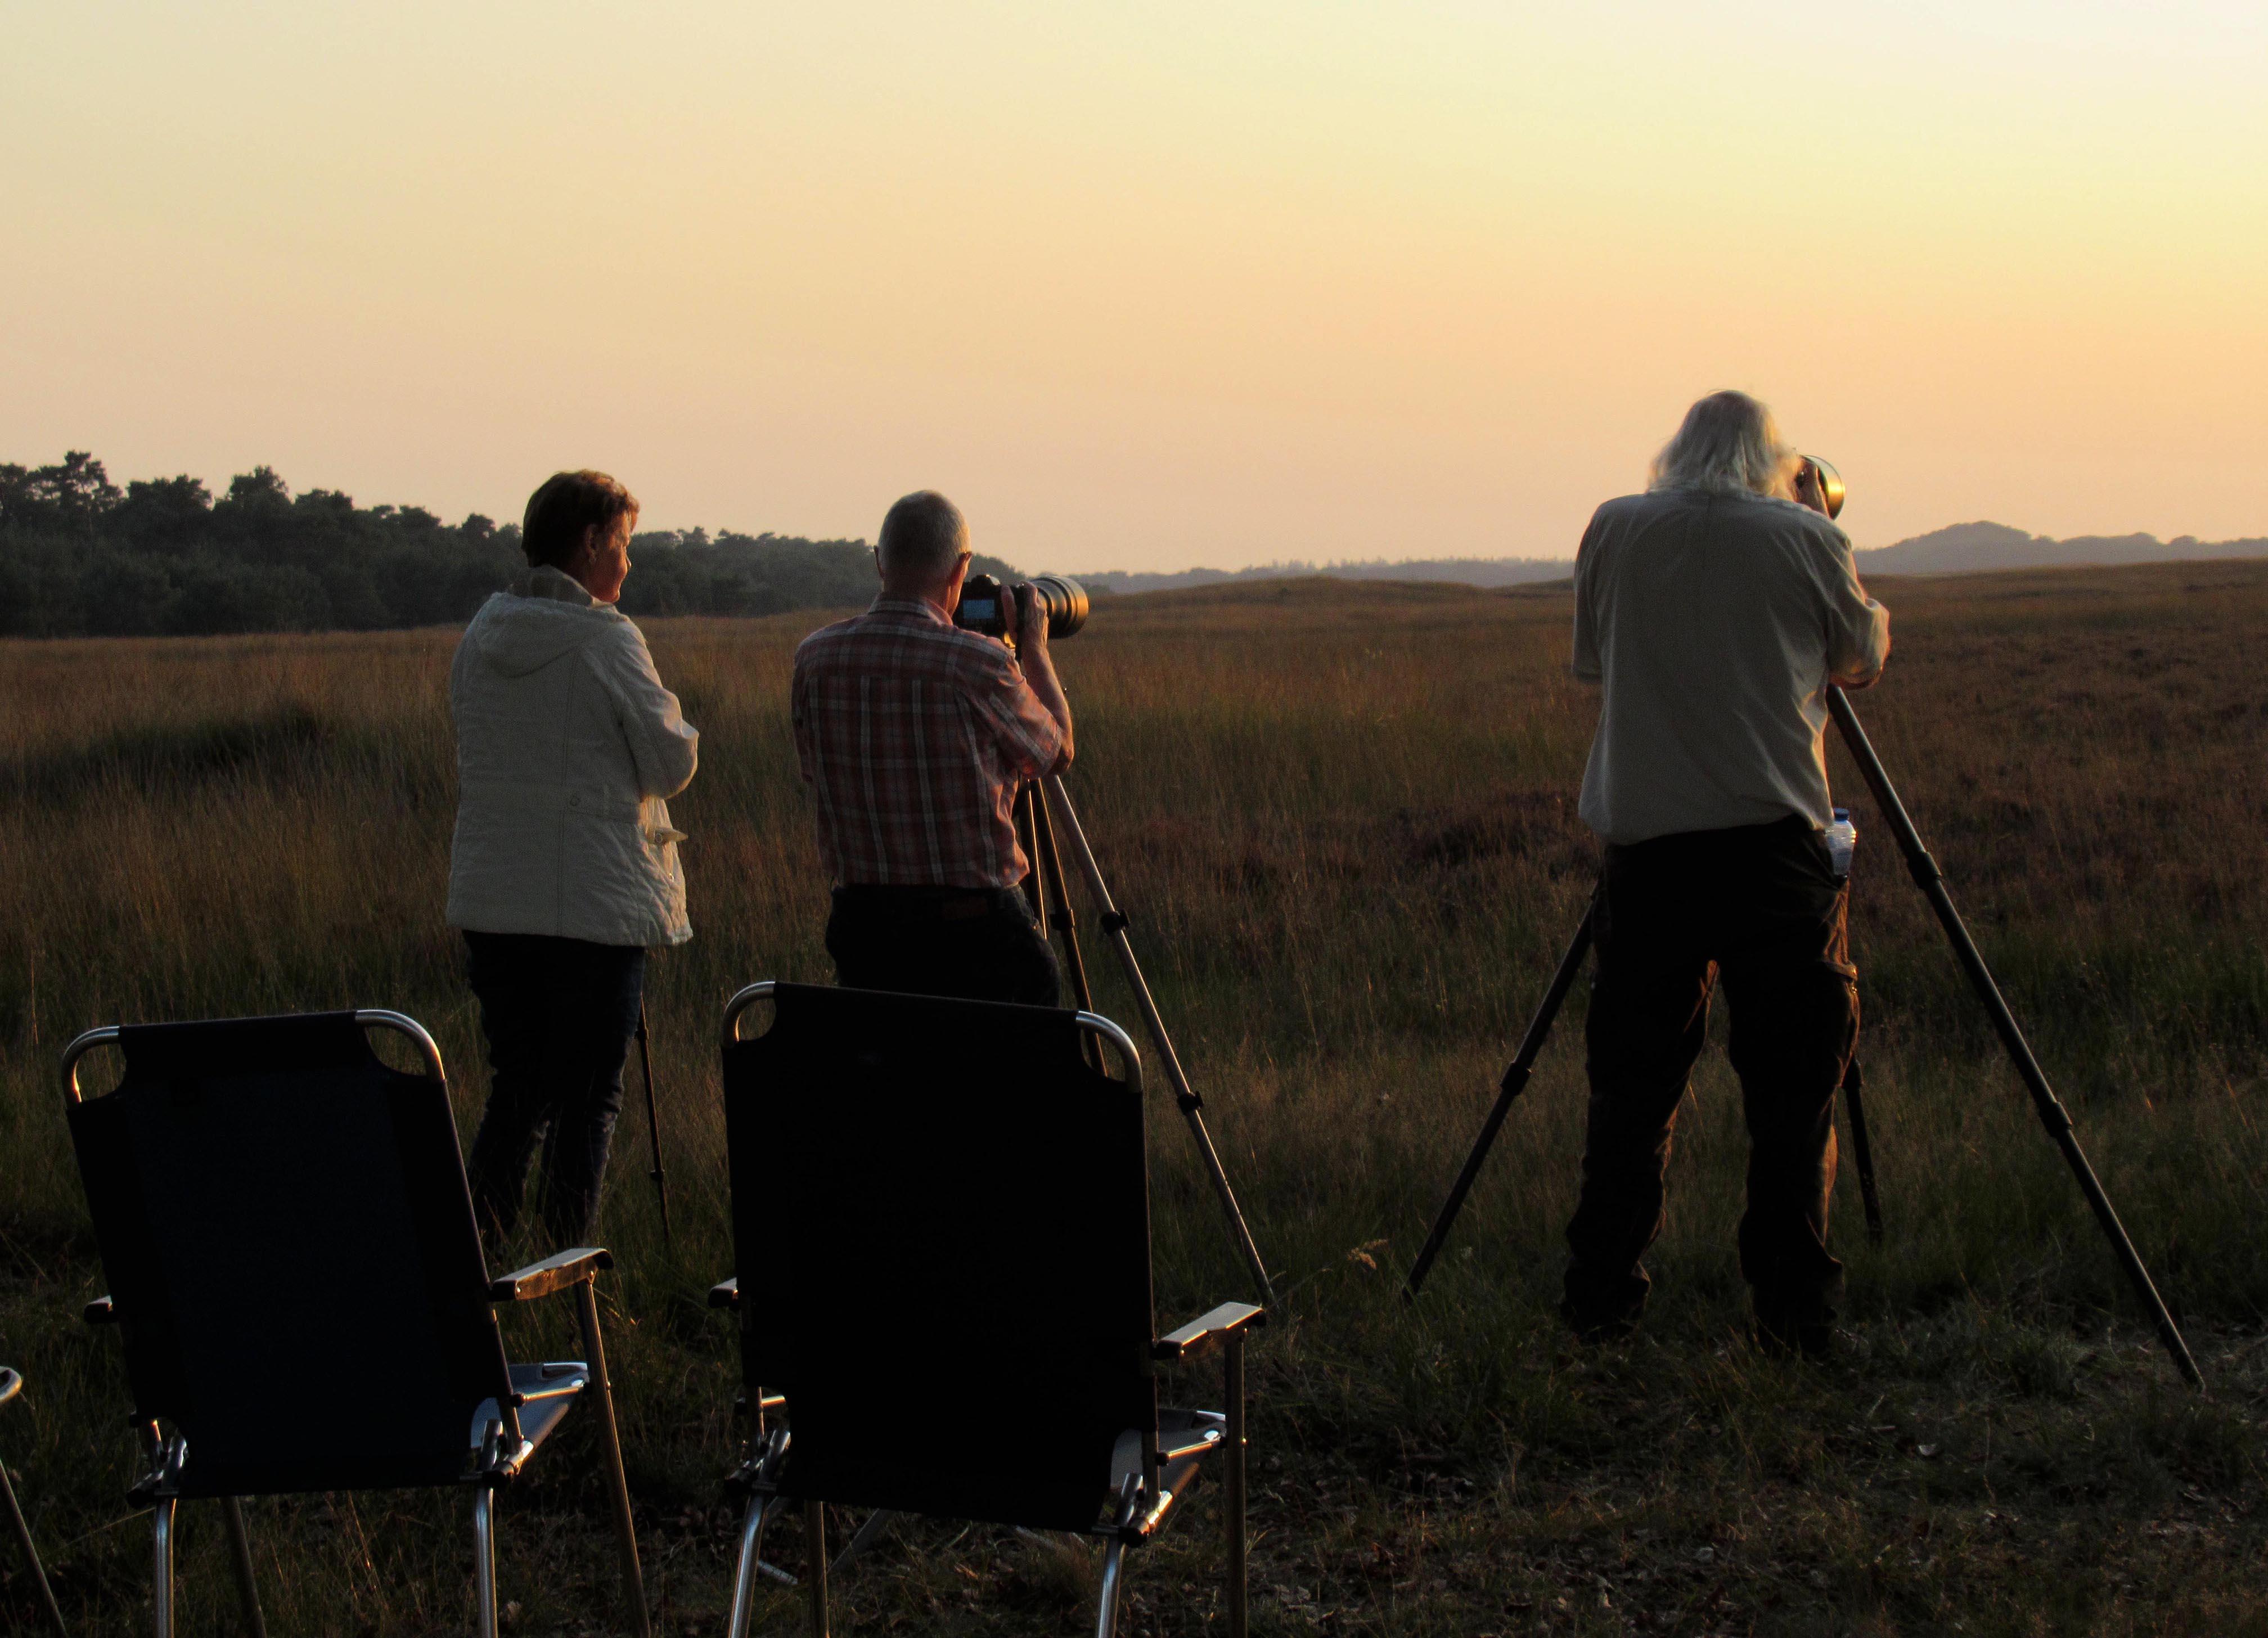 Onze natuurvrienden Jannie en Florus van den Berg waren ook van de partij – Foto: ©Fransien Fraanje